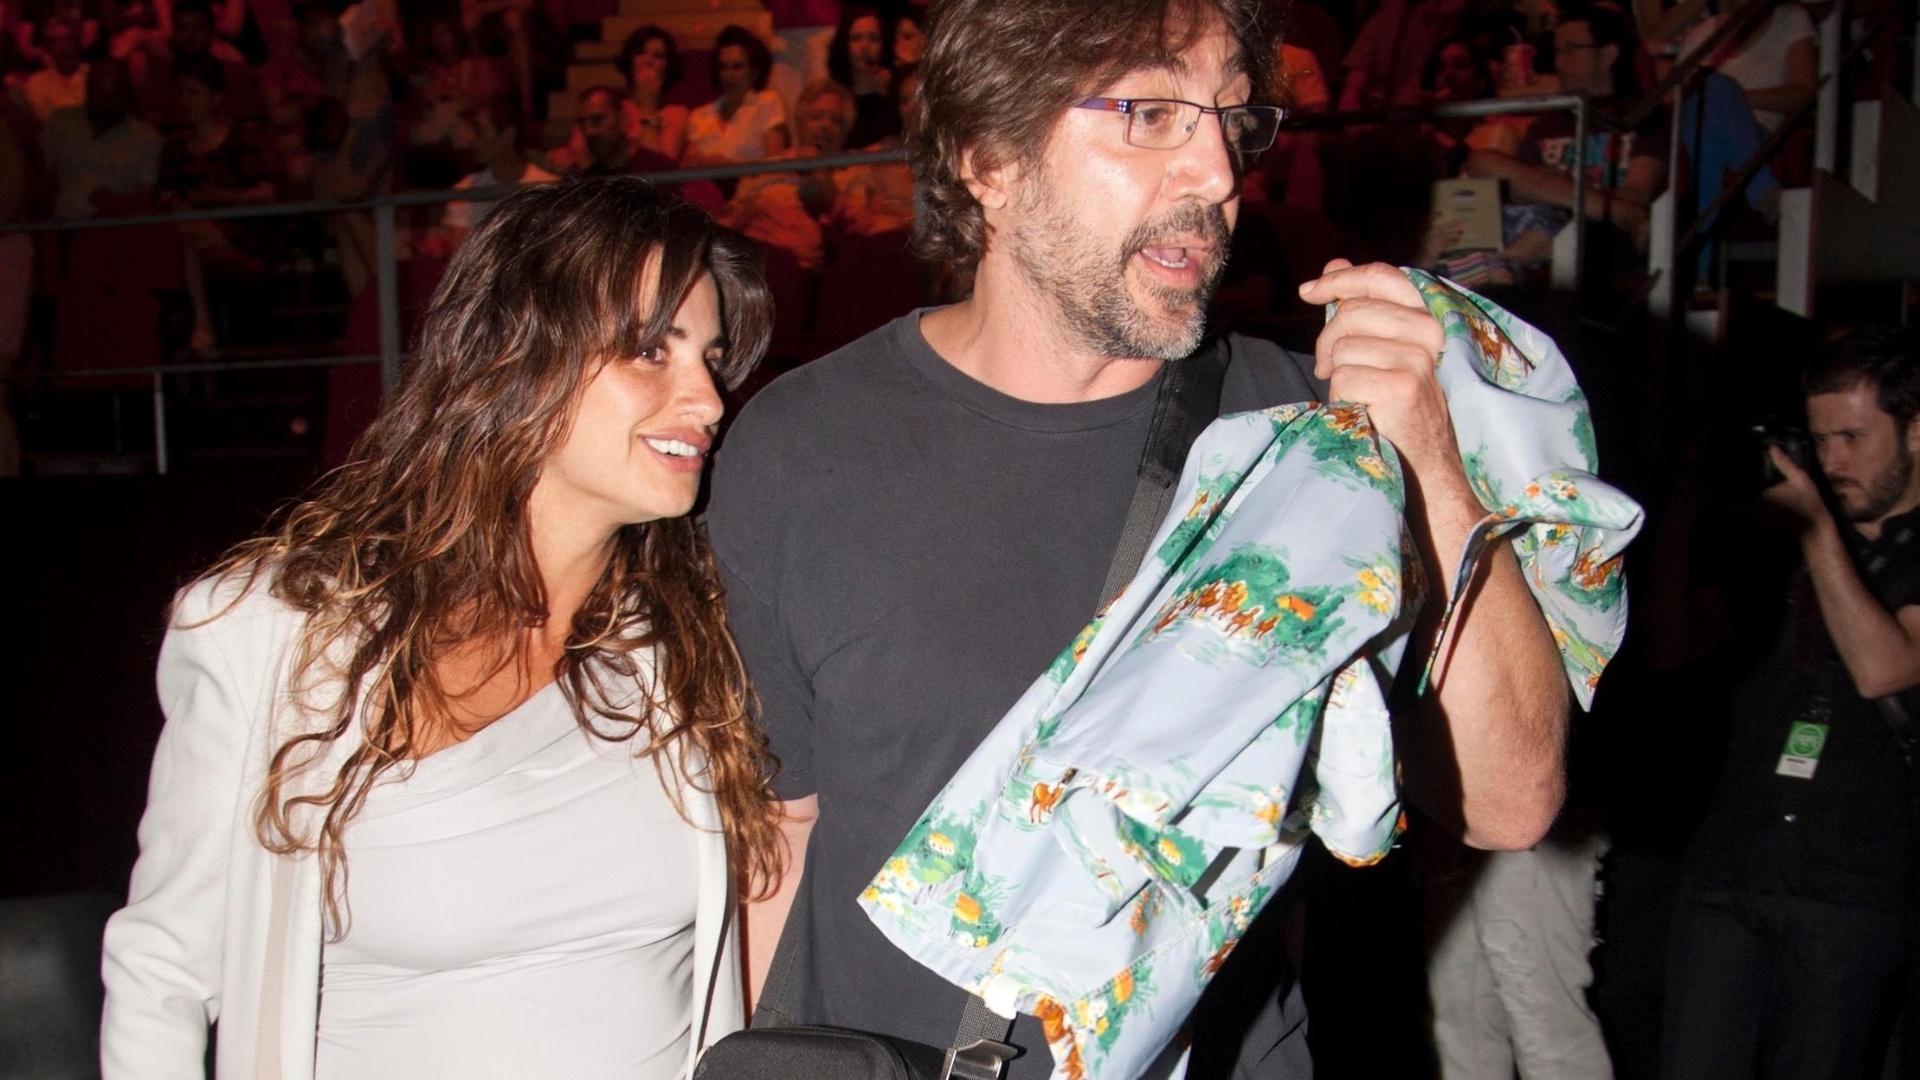 20.jul.2013 - Grávida, Penélope Cruz prestigiou a apresentação do marido, o ator Javier Bardem, em um festival de música em Madrid, Espanha. O casal já é pai de Leo, de dois anos